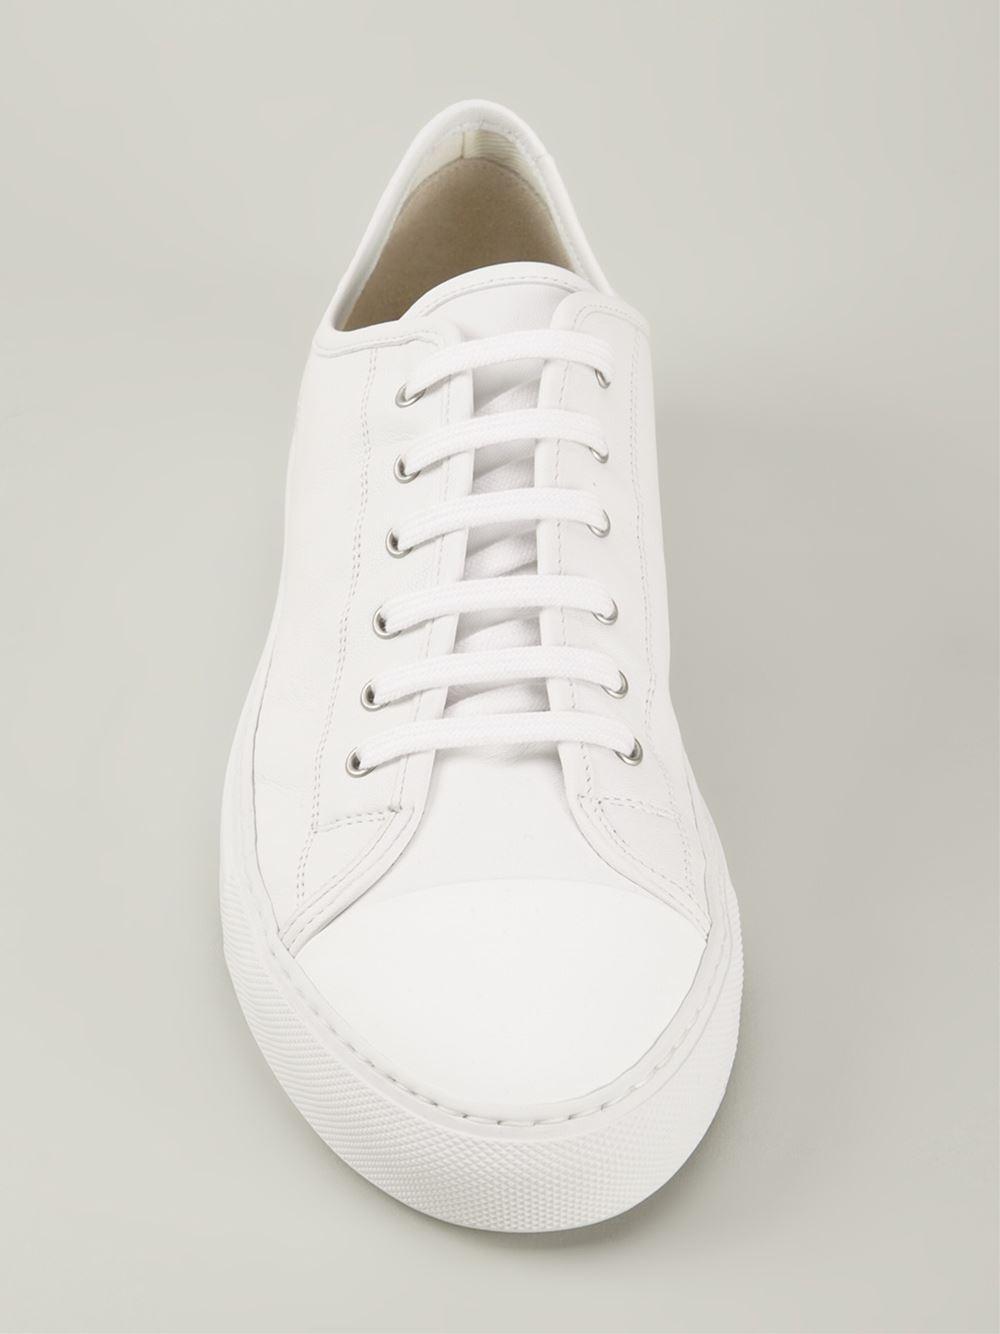 Projets Communs Chaussures À Lacets 1sZow7mA